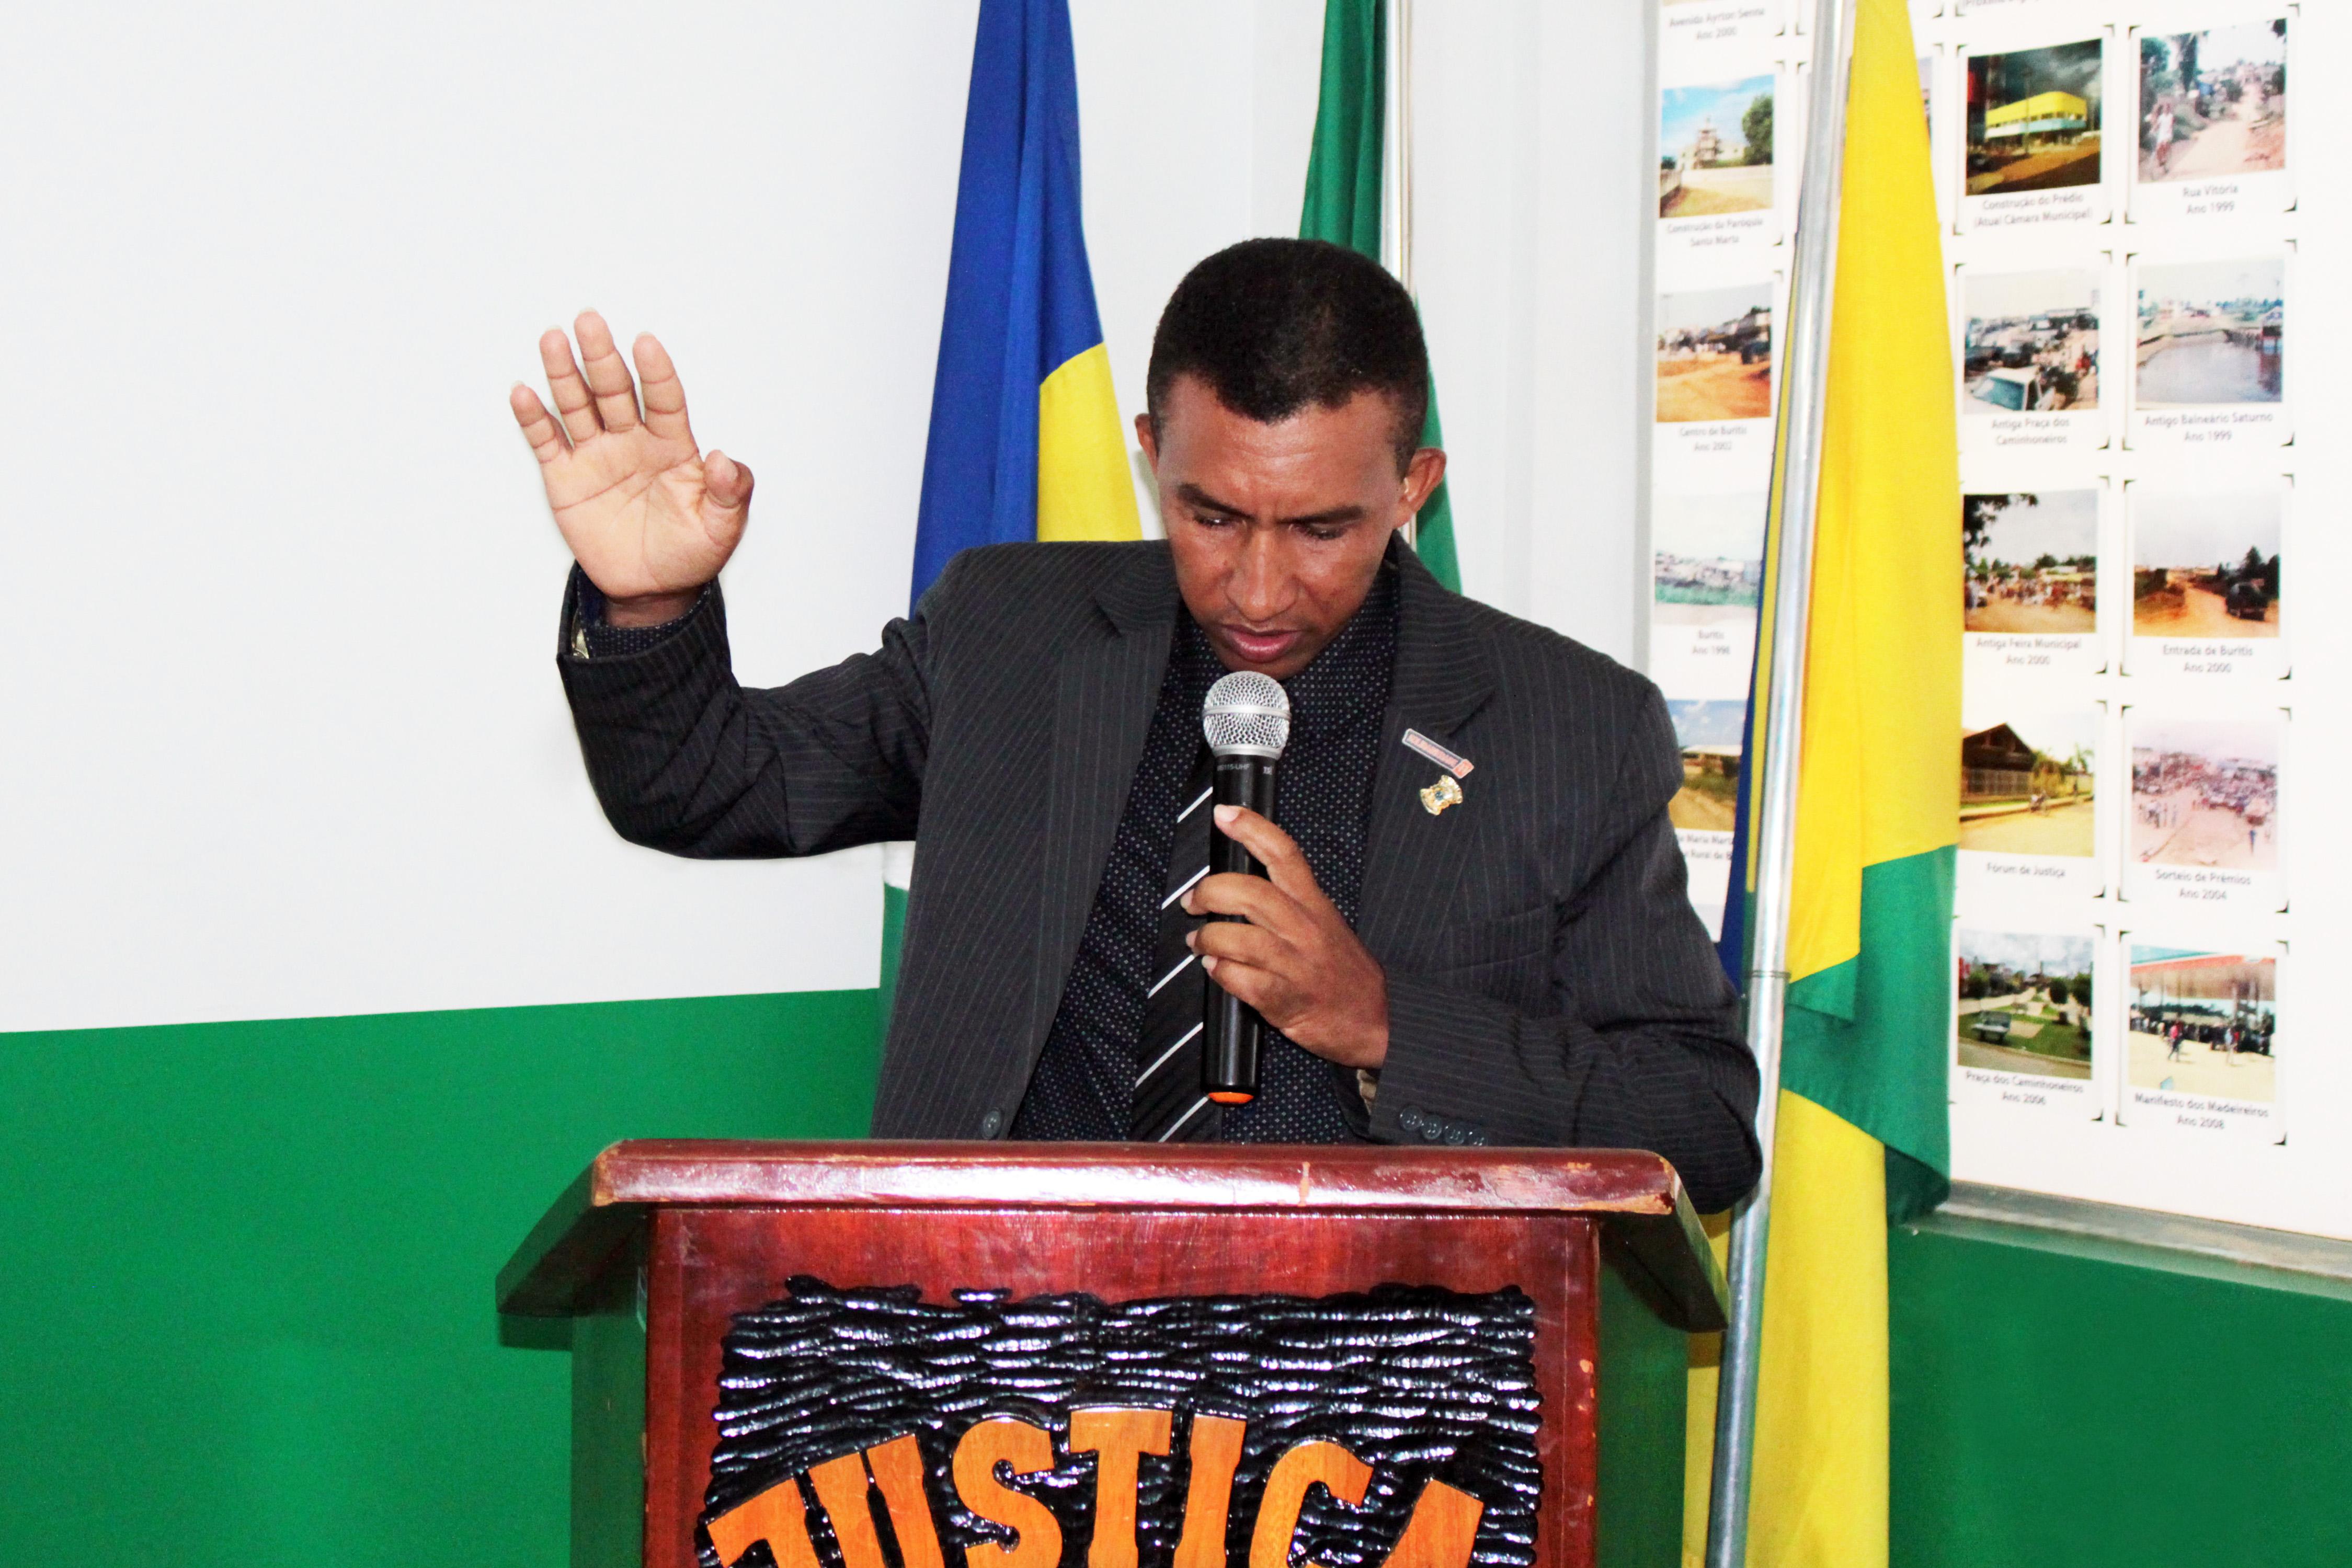 Troca de Presidência na Câmara Municipal de Buritis